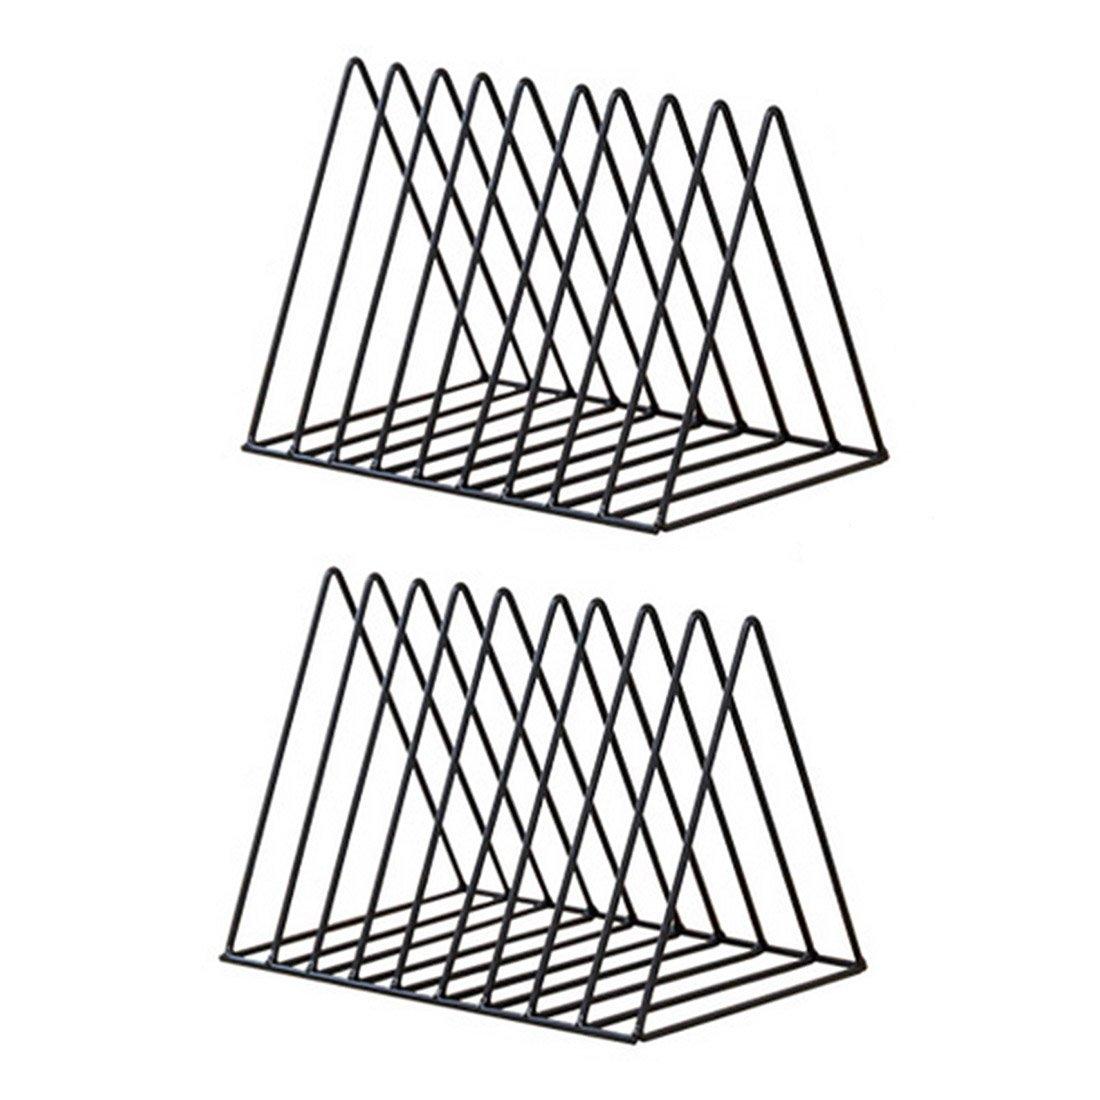 UOPJKL Triangolo semplice Storage rack portariviste mensola porta organizer portaoggetti in metallo - nero